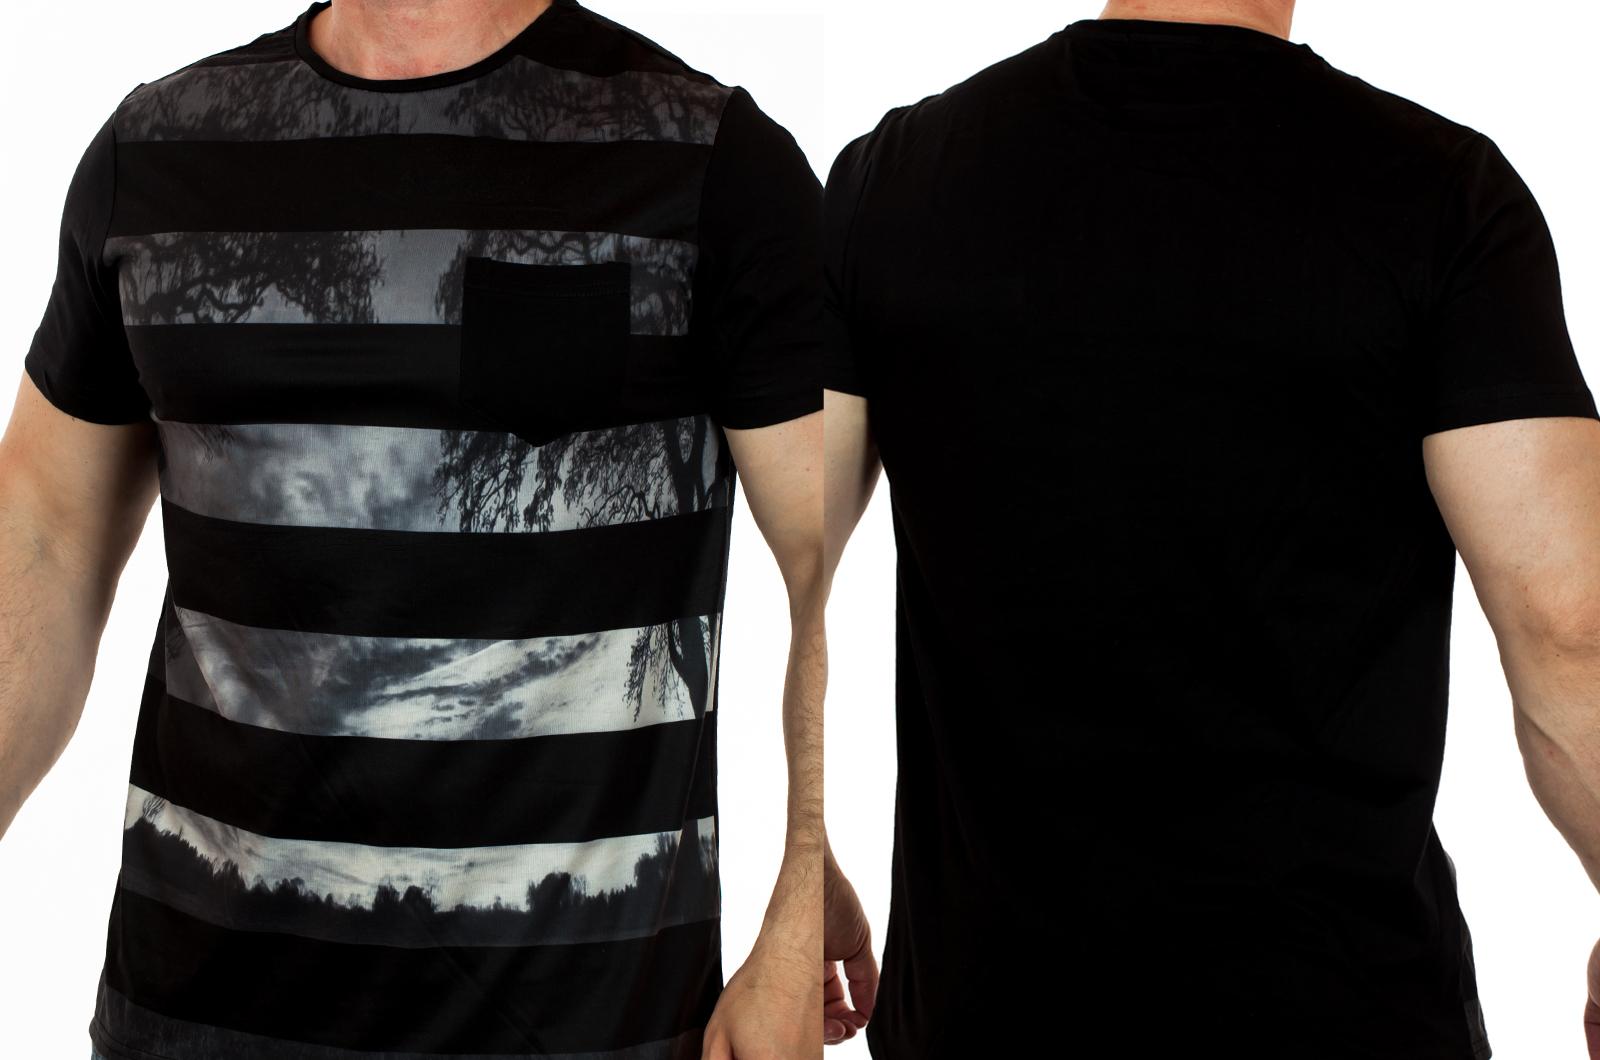 Внимание НОВИНКА! Мужская футболка Splash™ - твой модный OUTFIT